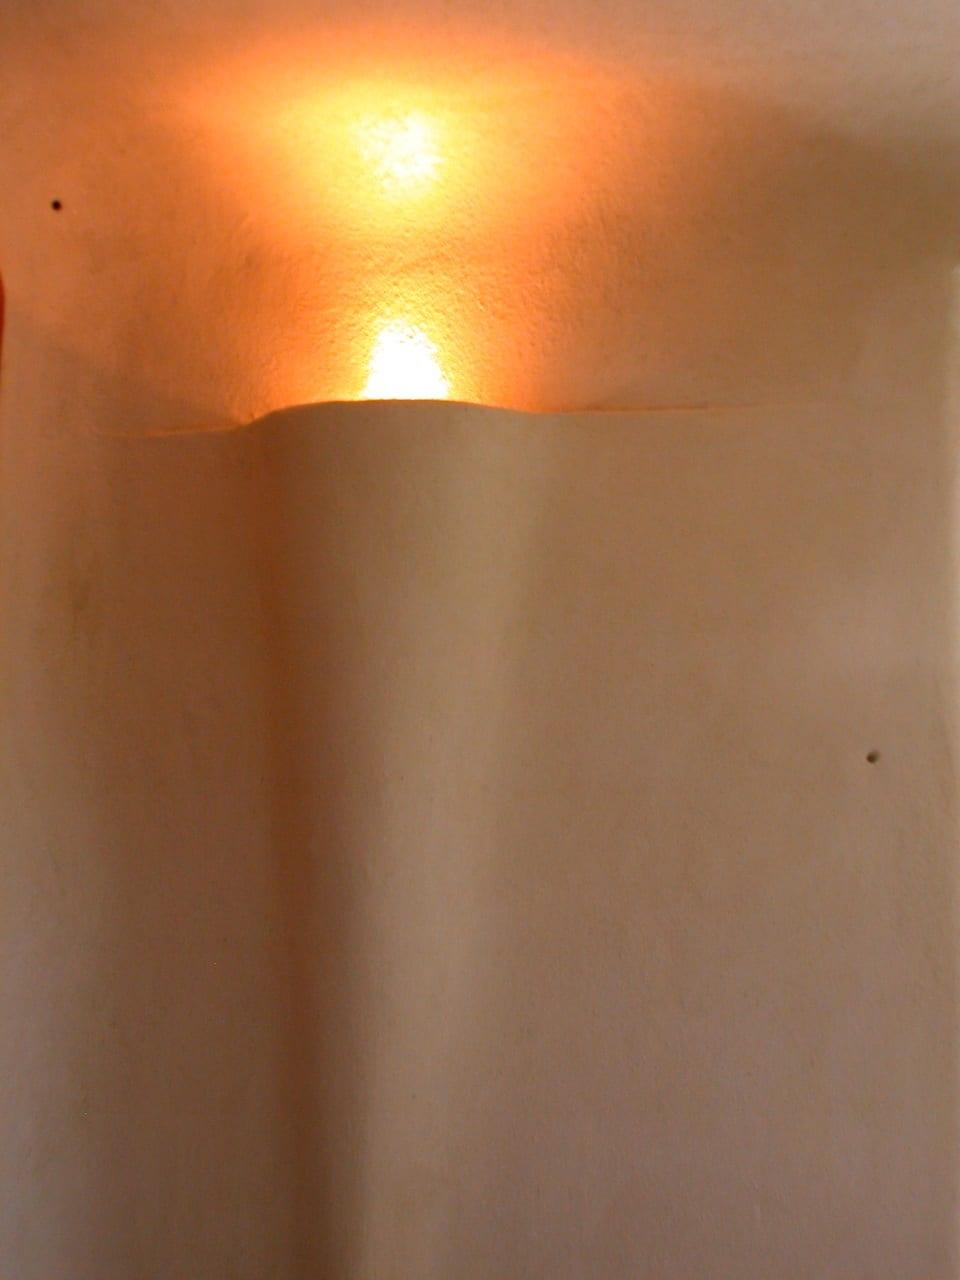 leemstuc leempleister lange lamp